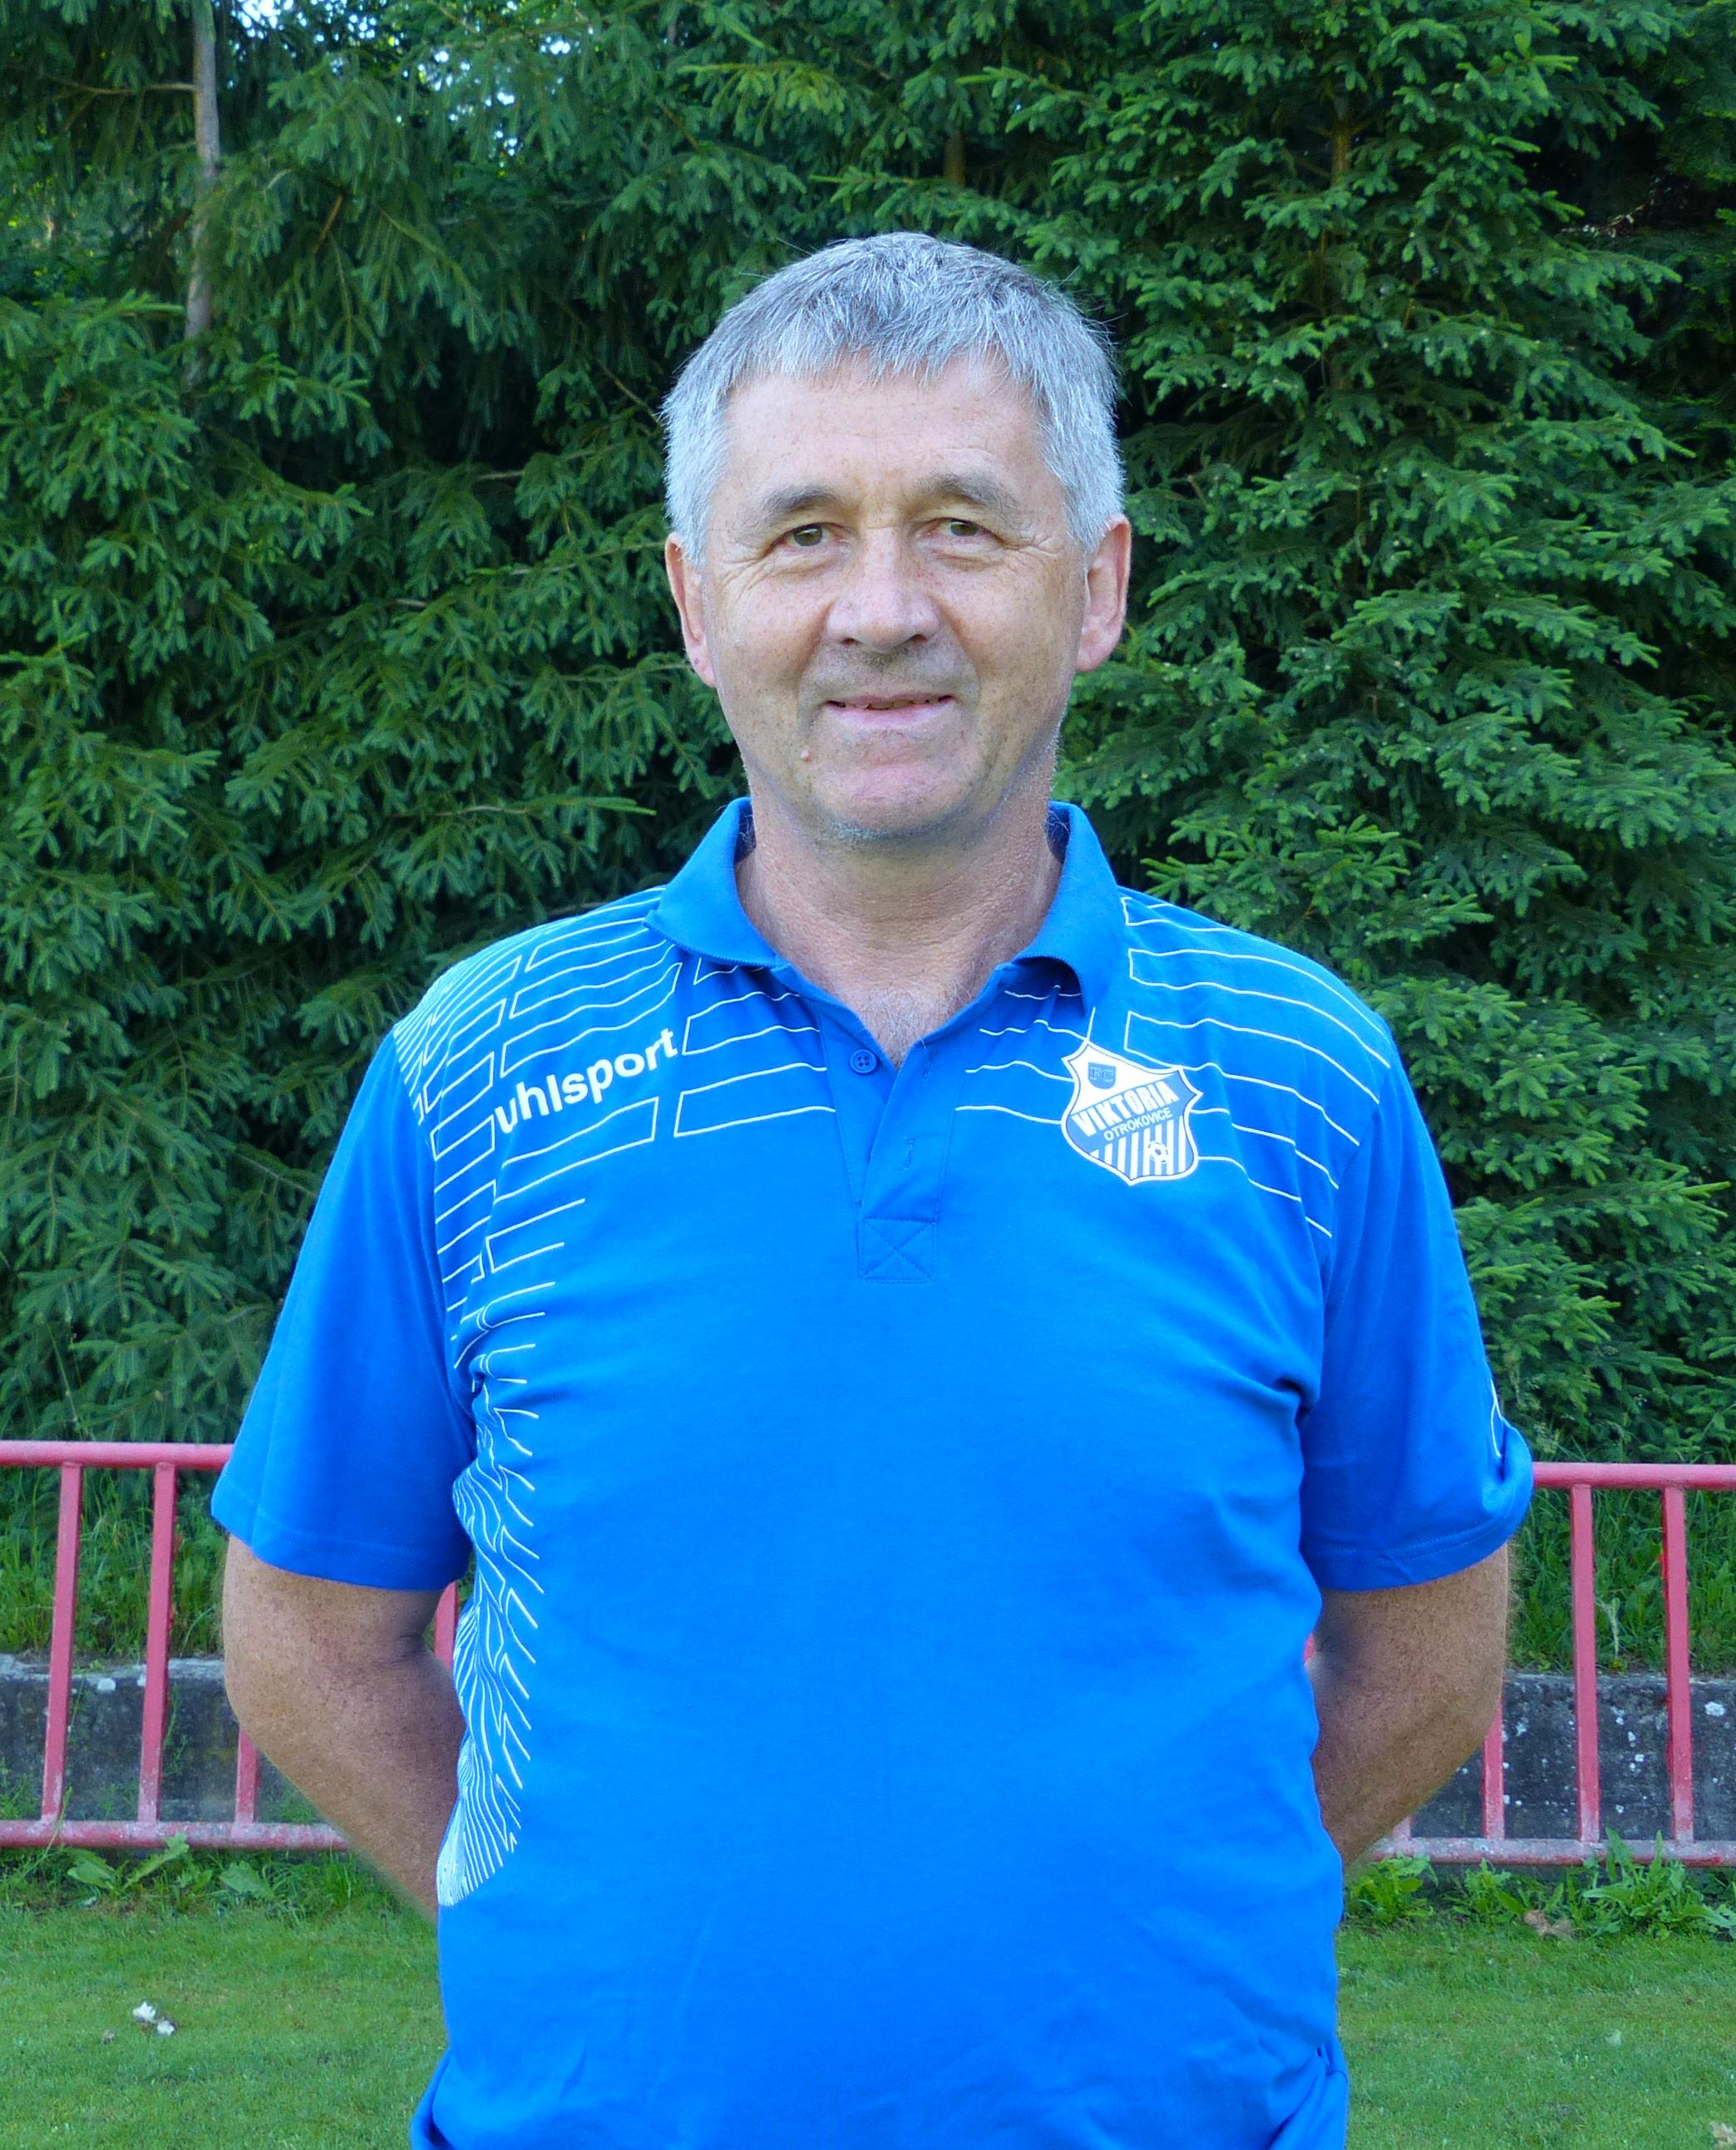 Letní příprava juniorky – hodnocení trenéra Janči